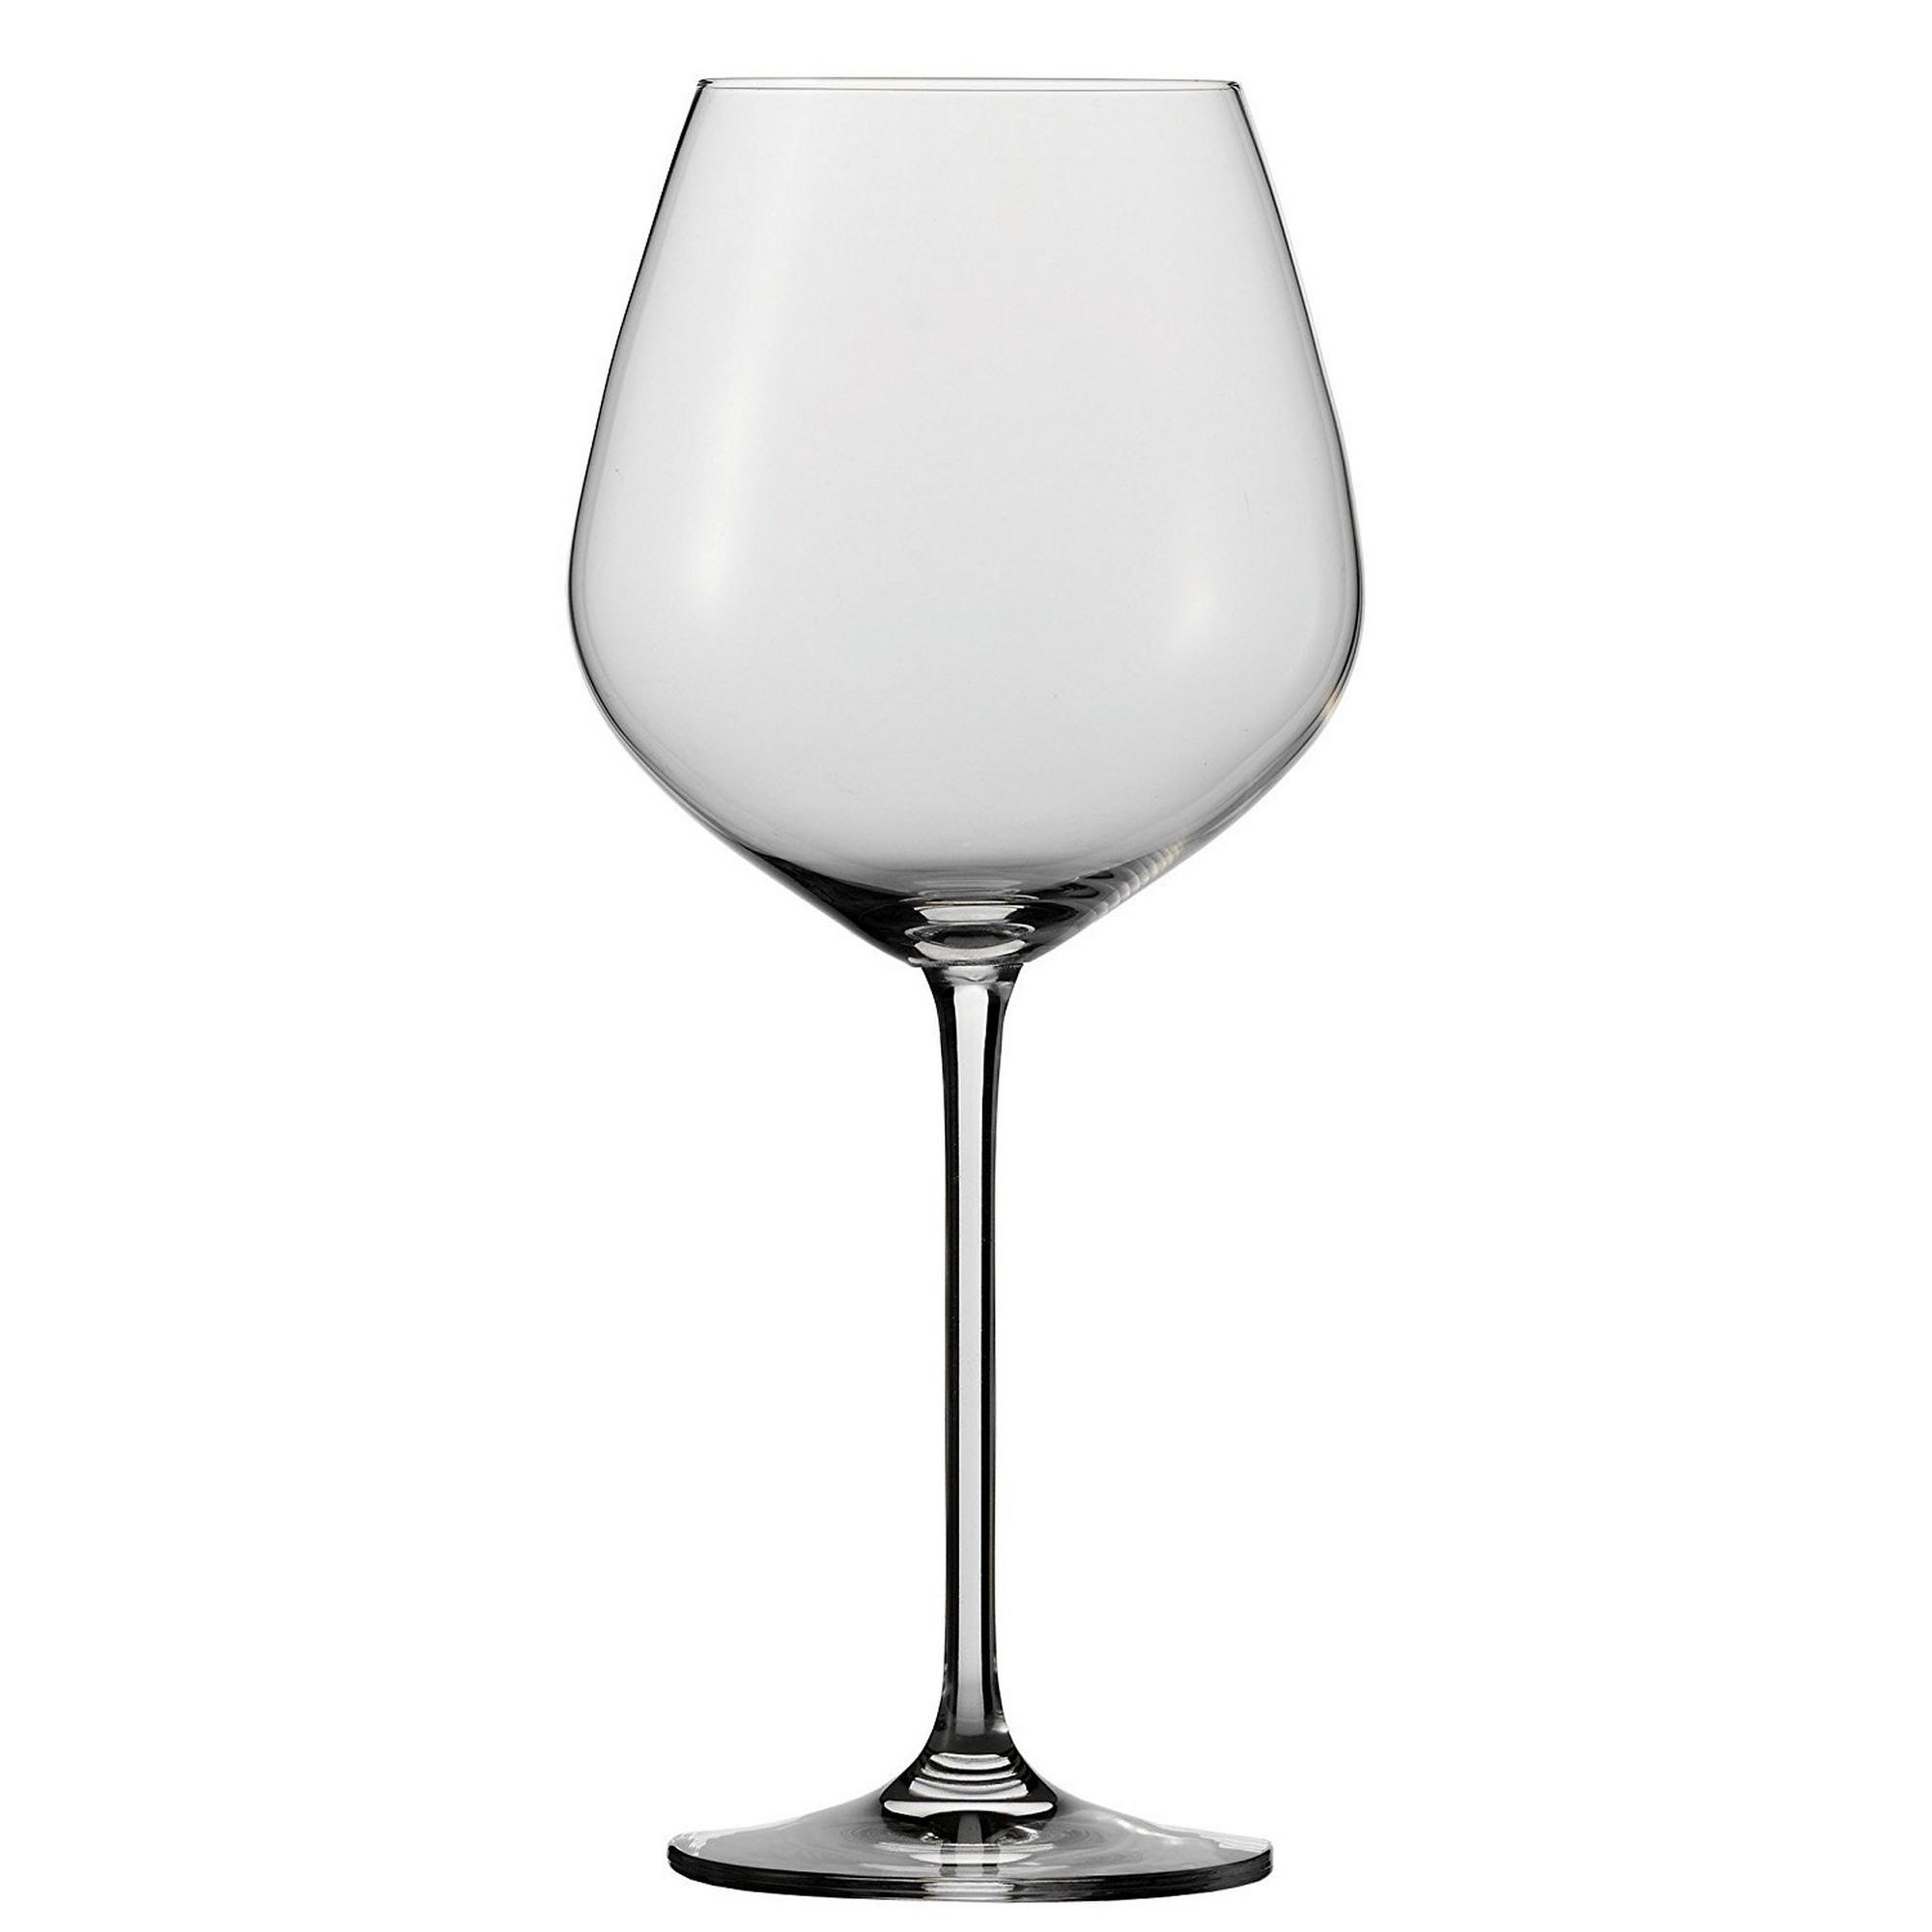 Taça para Borgonha 335ml Schott Zwiesel Mondial 6 Peças de Cristal